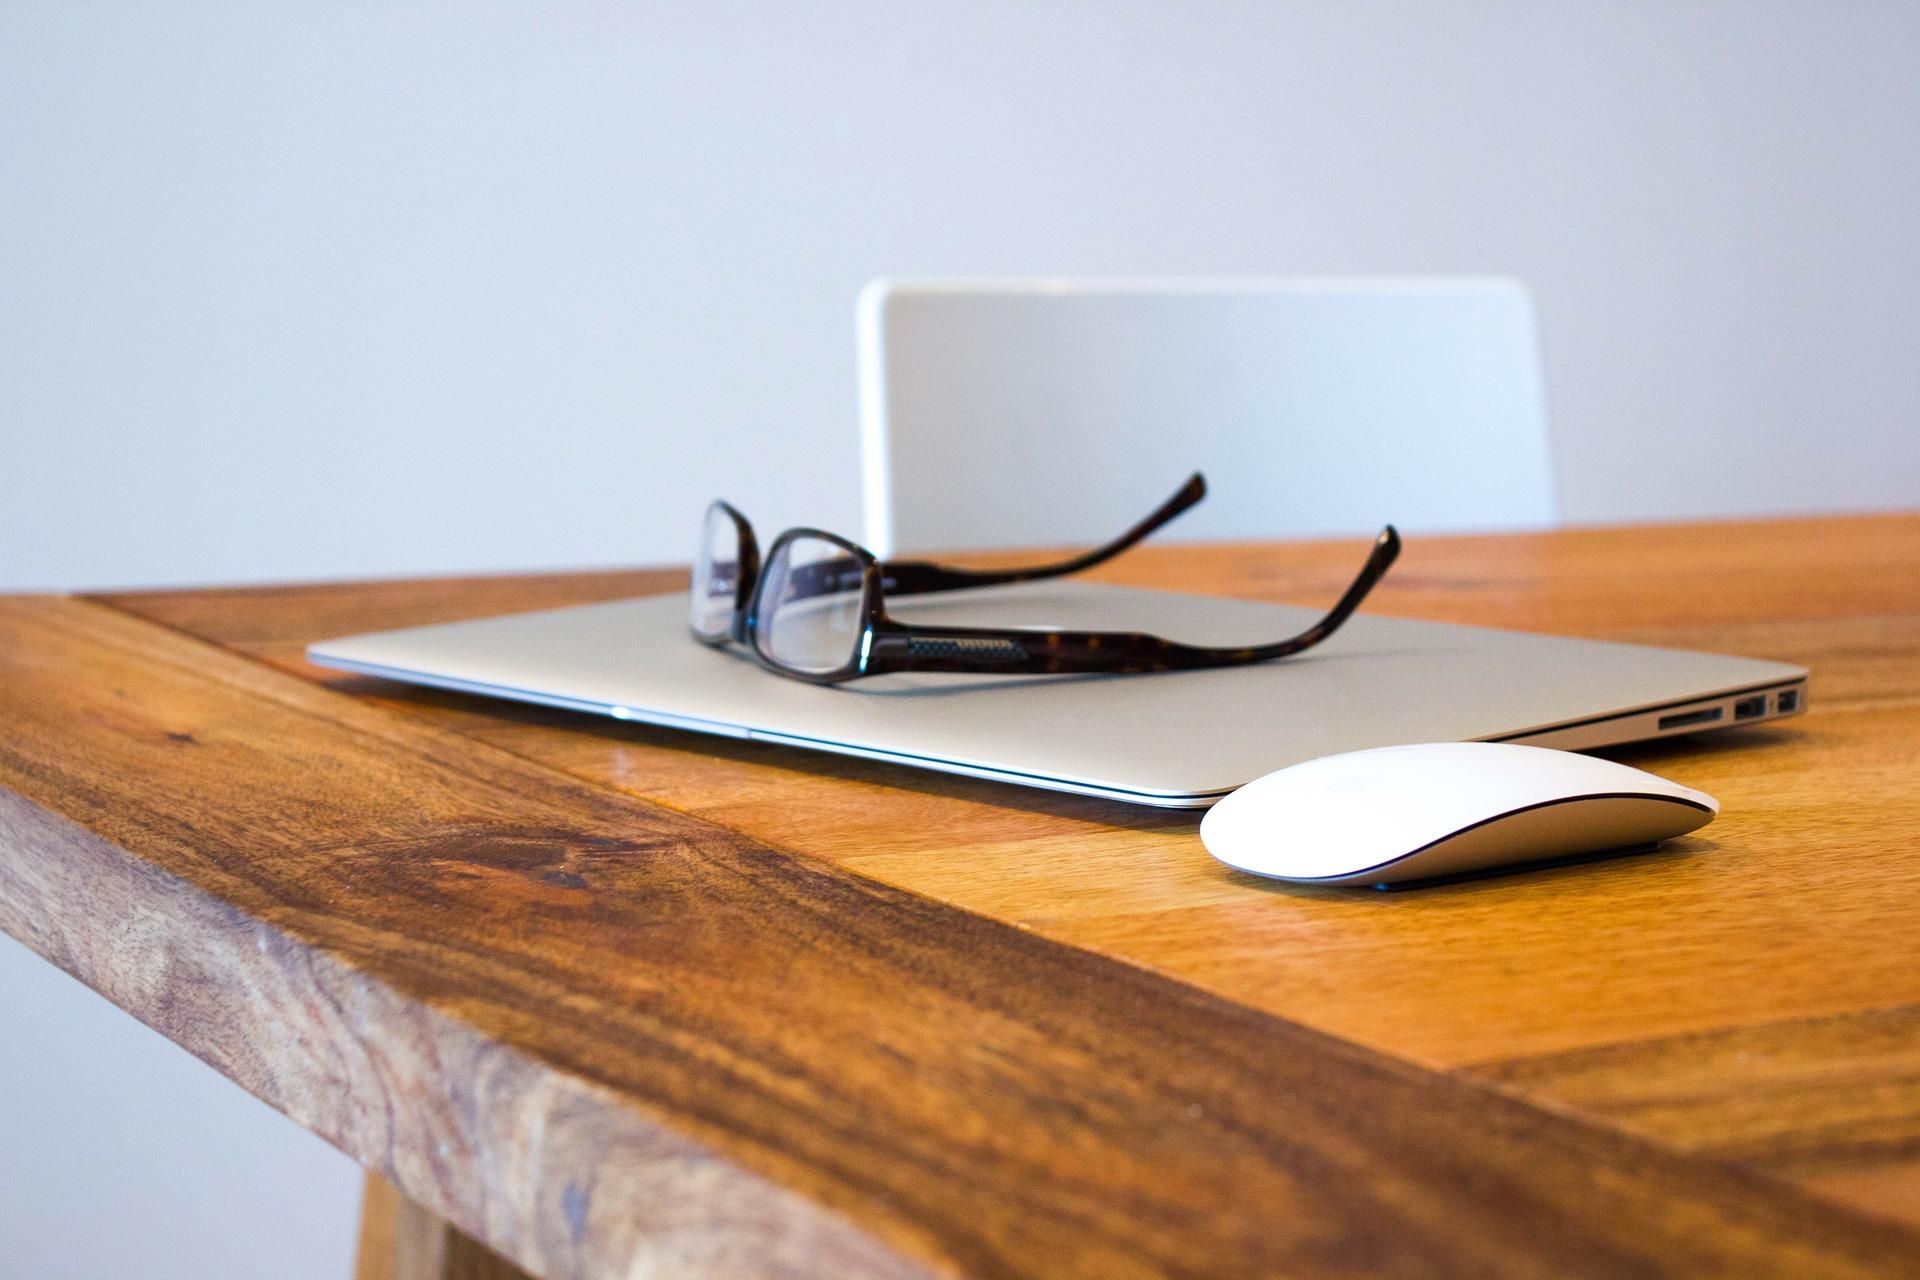 konturmarkierungen von 3m oder orafol g nstig kaufen reflexfolien von 3m und orafol g nstig kaufen. Black Bedroom Furniture Sets. Home Design Ideas